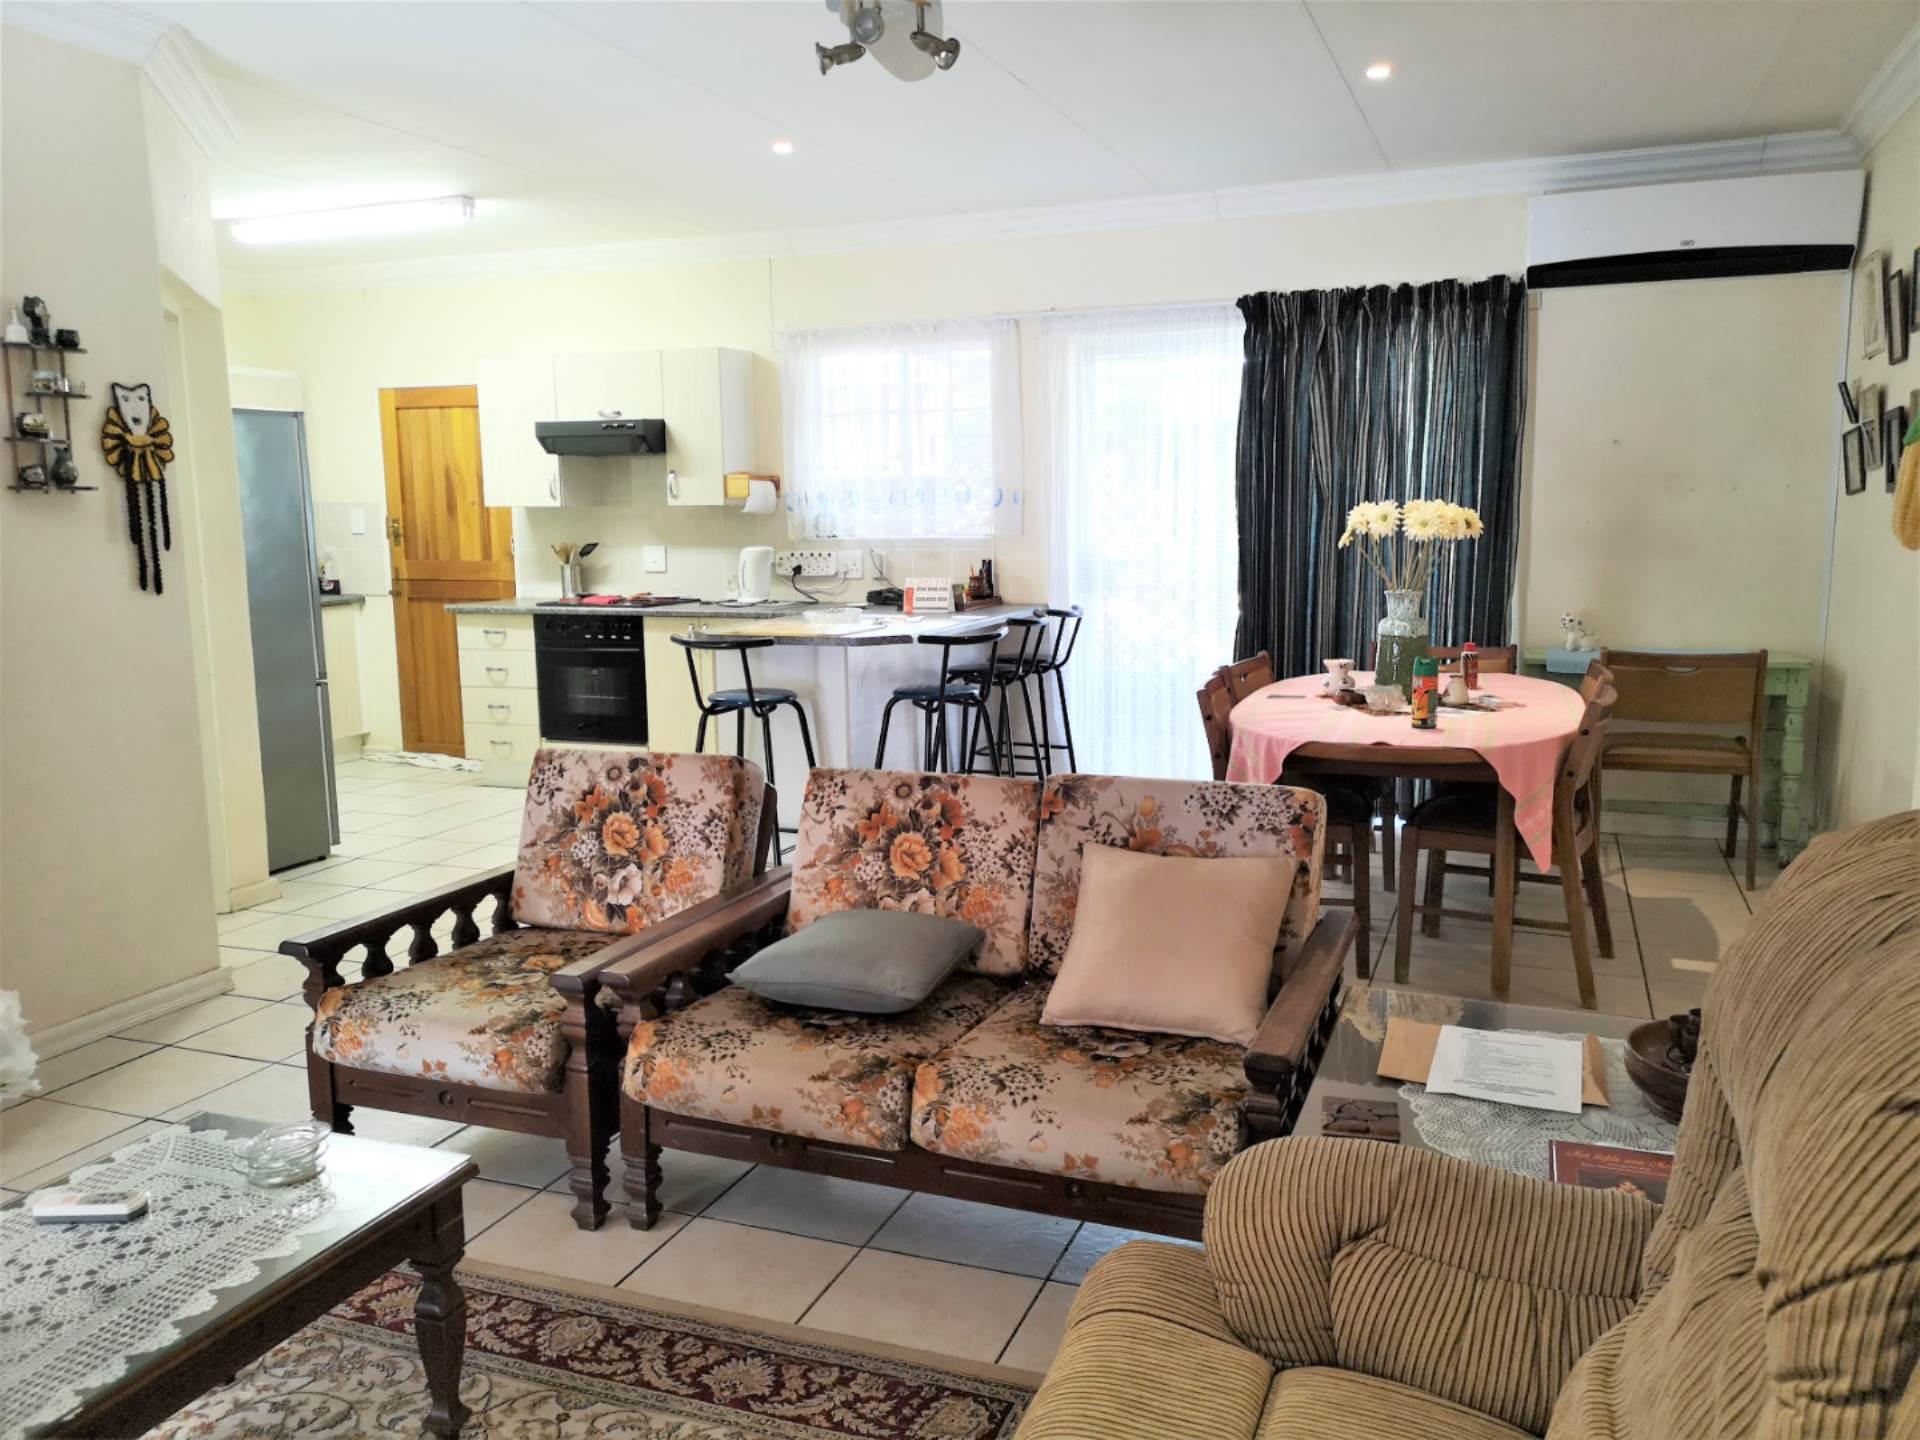 Retirement Village For Sale In Ninapark, Akasia, Gauteng for R 750,000